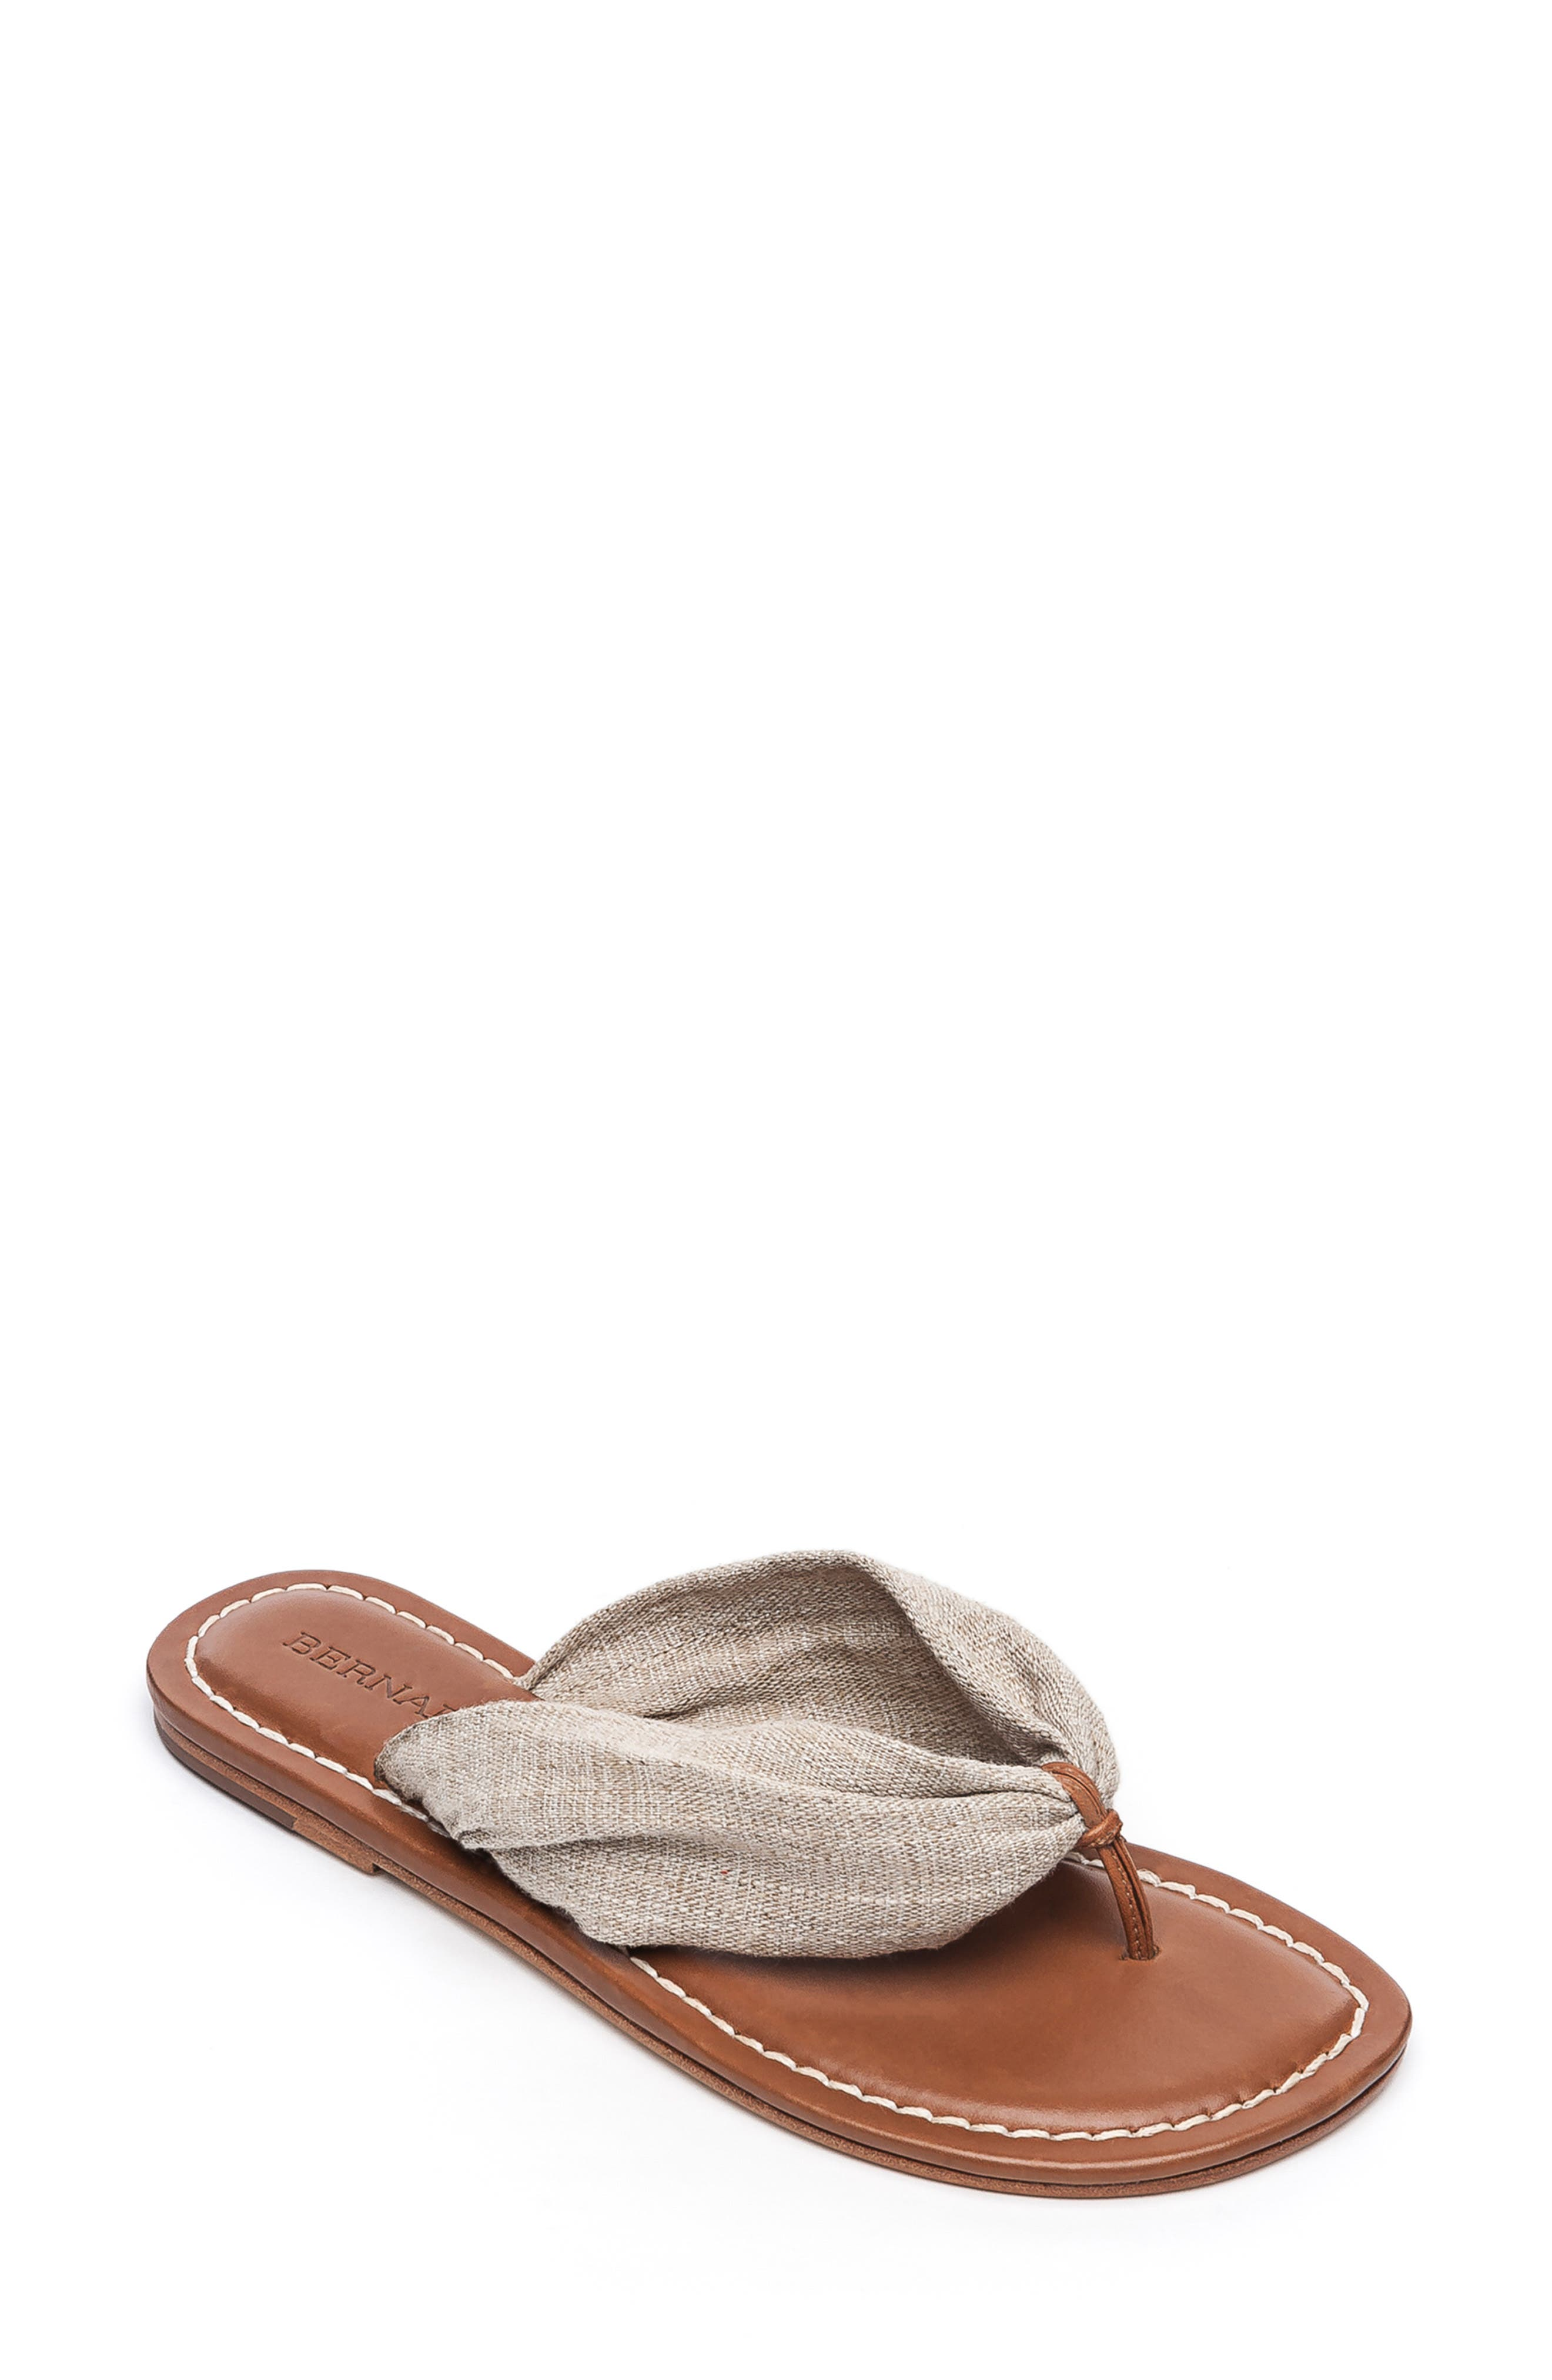 Bernardo Mila Flip Flop- Beige